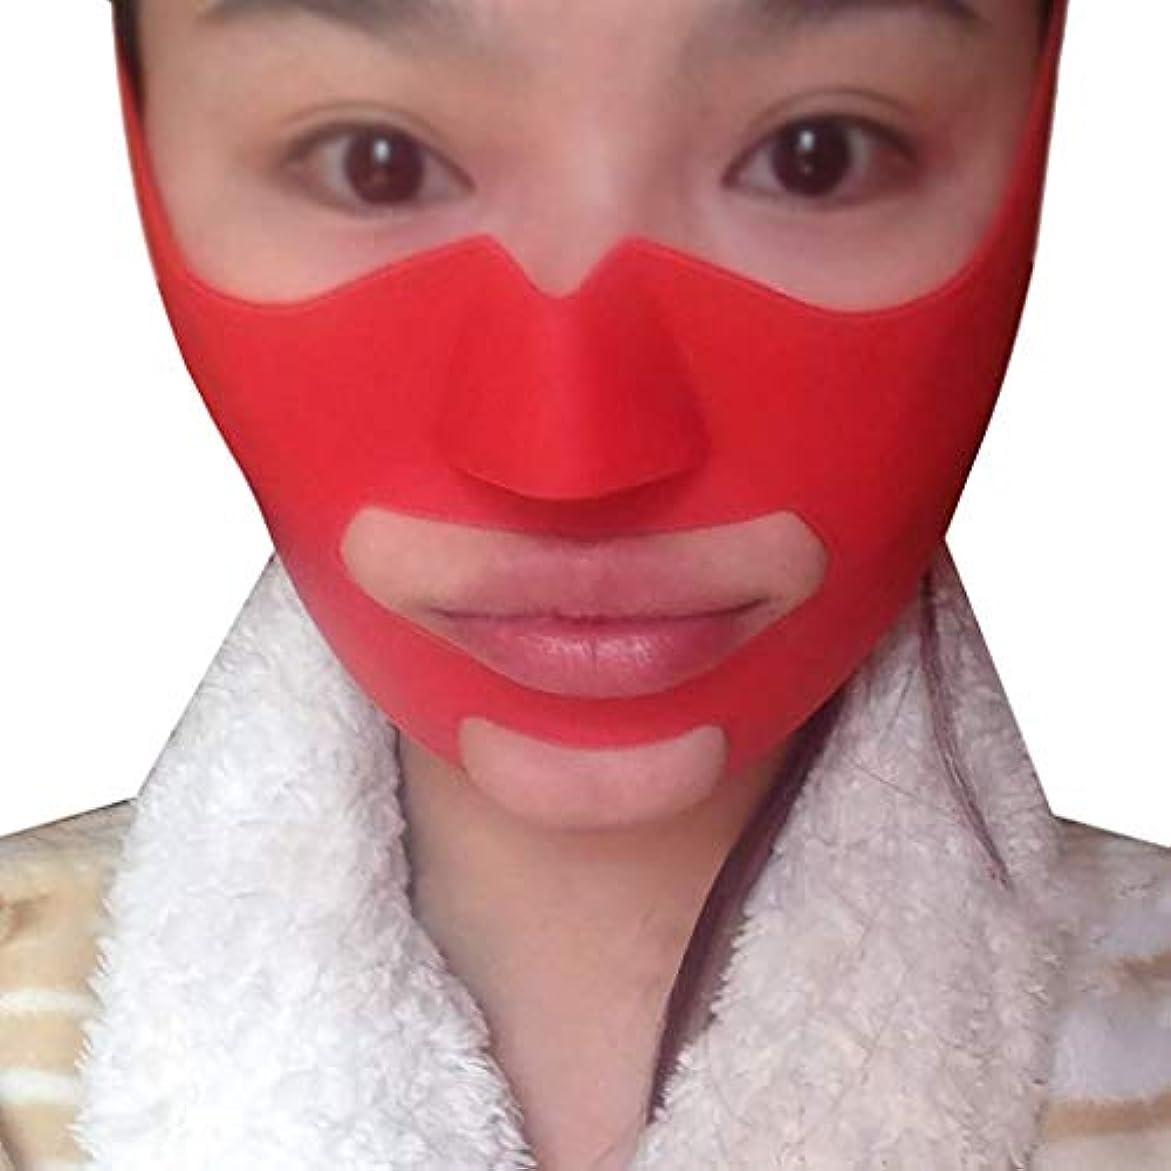 水差しルーム刈り取るフェイスリフトマスク、シリコンVフェイスマスクフェイスマスク強力で細かい筋肉マッスルリフトアップルマッスルを命令するパターンアーティファクト小さなVフェイス包帯フェイスとネックリフト